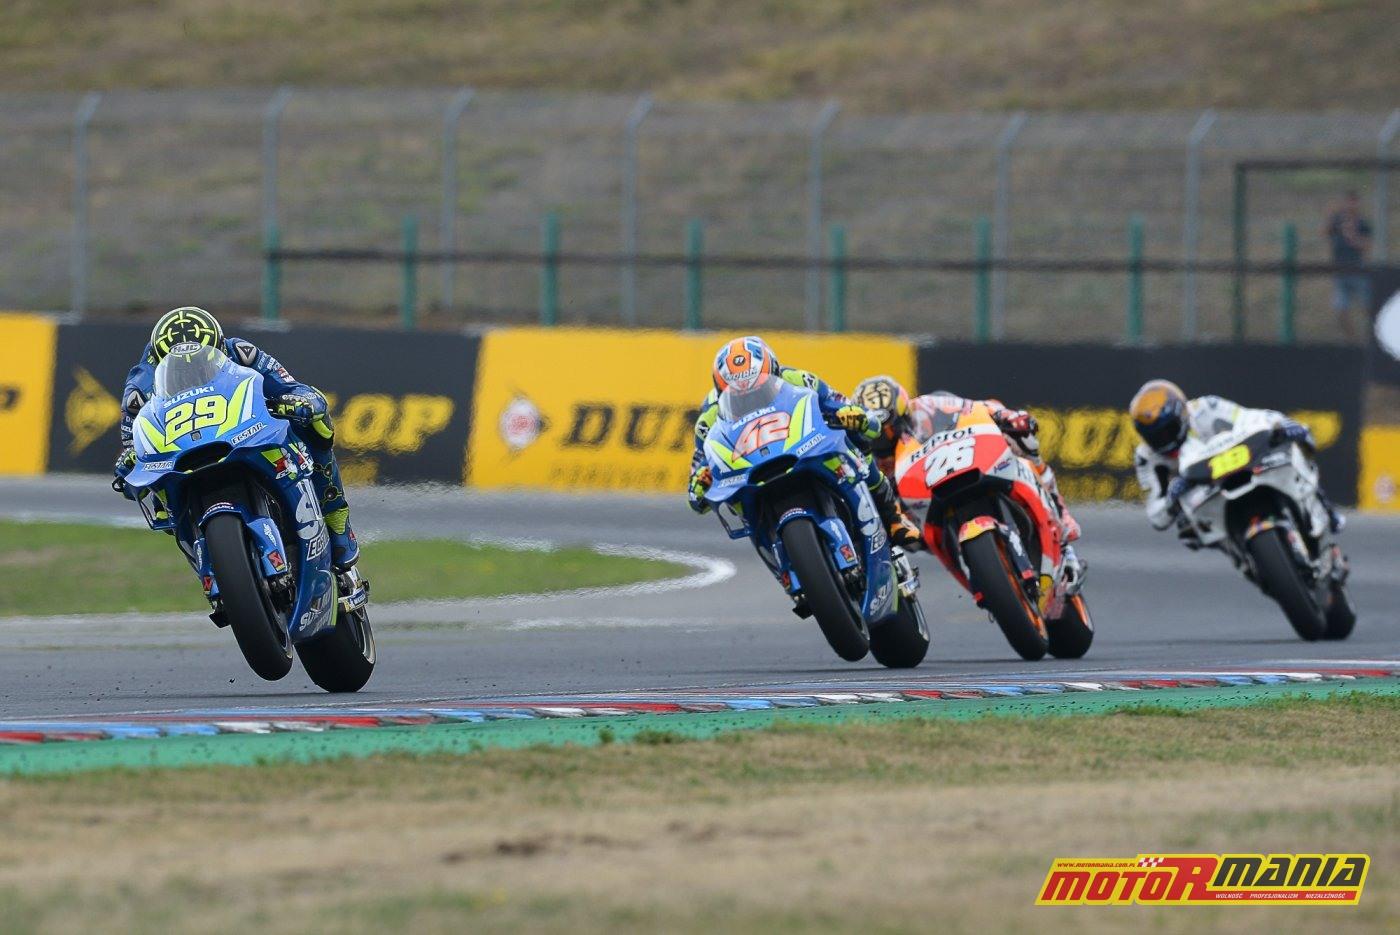 Wyścig MotoGP Brno 2018 - fot Waldek Walerczuk (57)